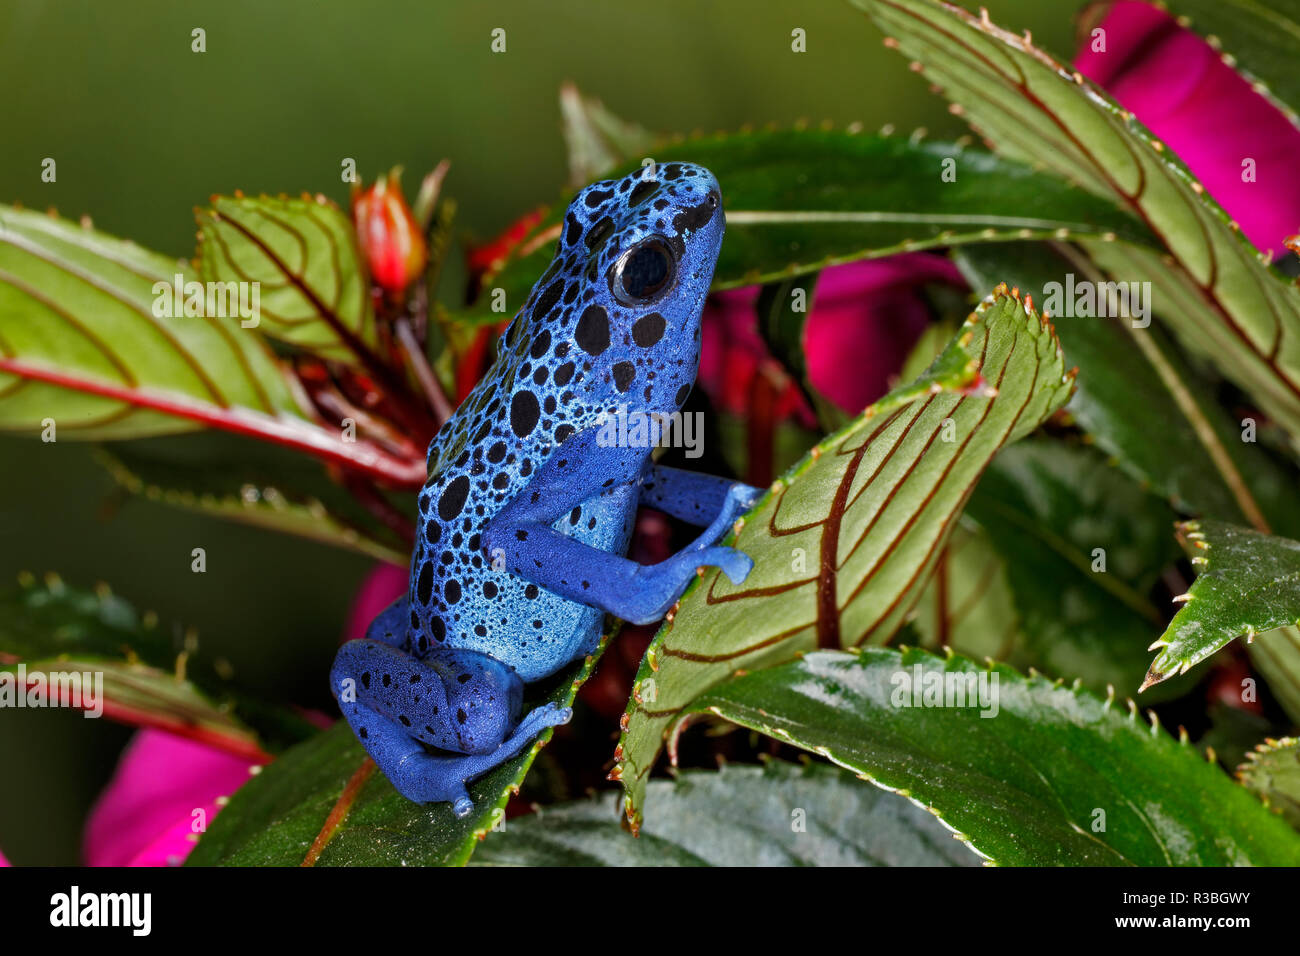 Blue Azureus Poison Dart frog, Dendrobates tinctorius azureus, native to Suriname and Brazil - Stock Image